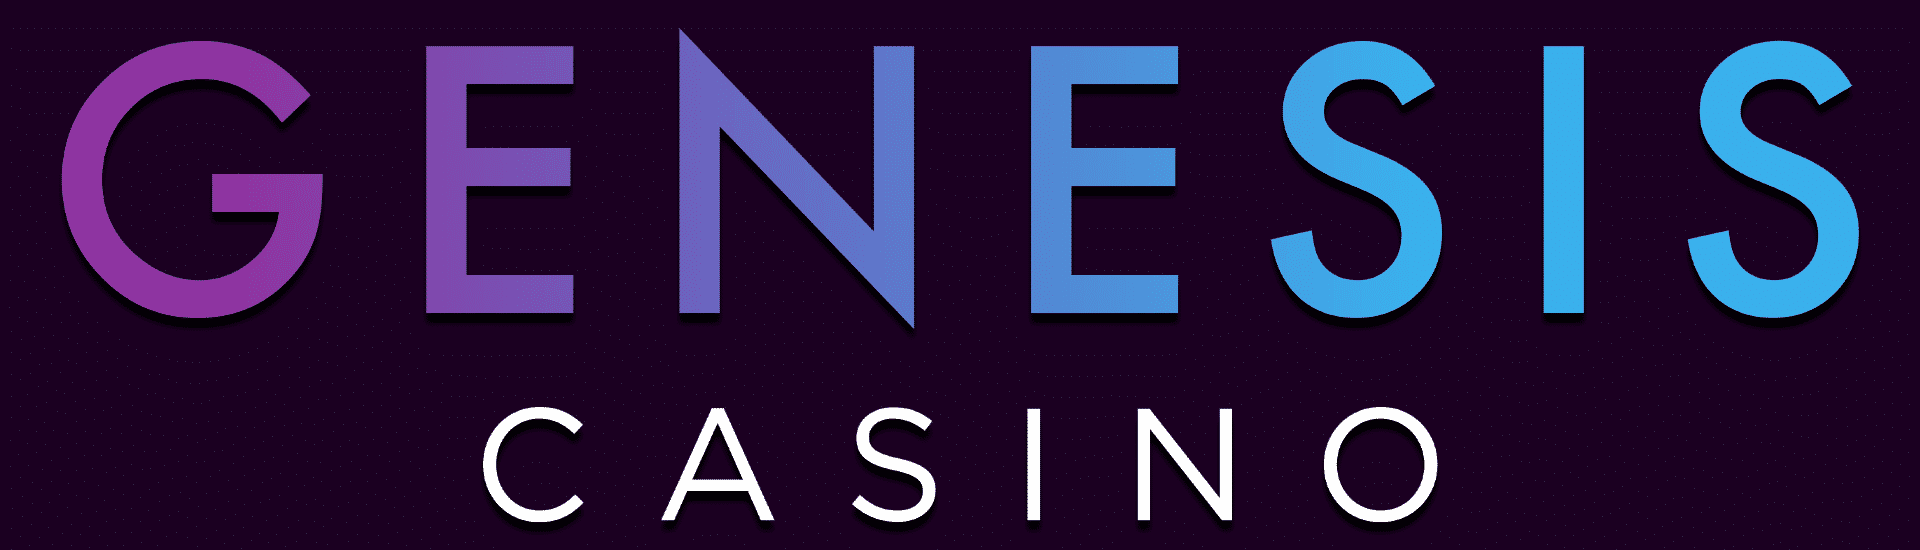 Genesis Casino Featured Image